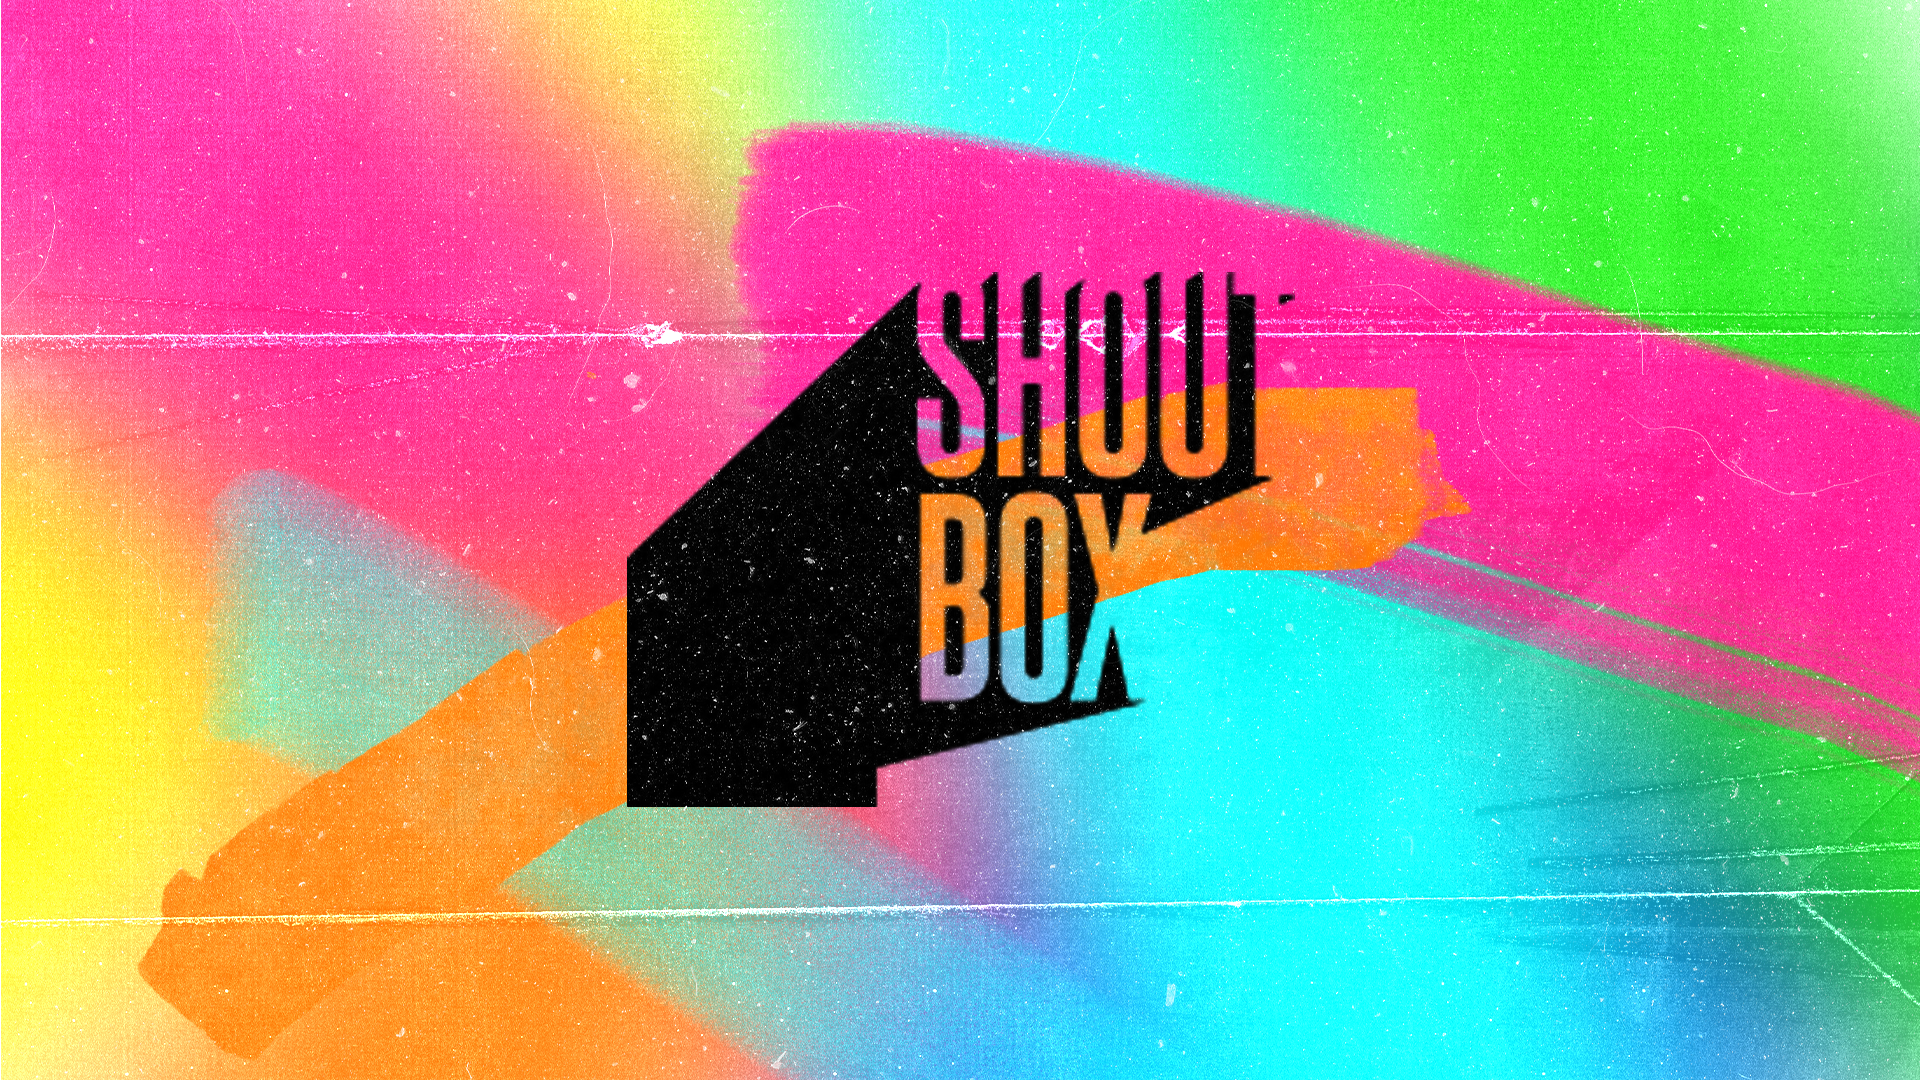 Shout Box